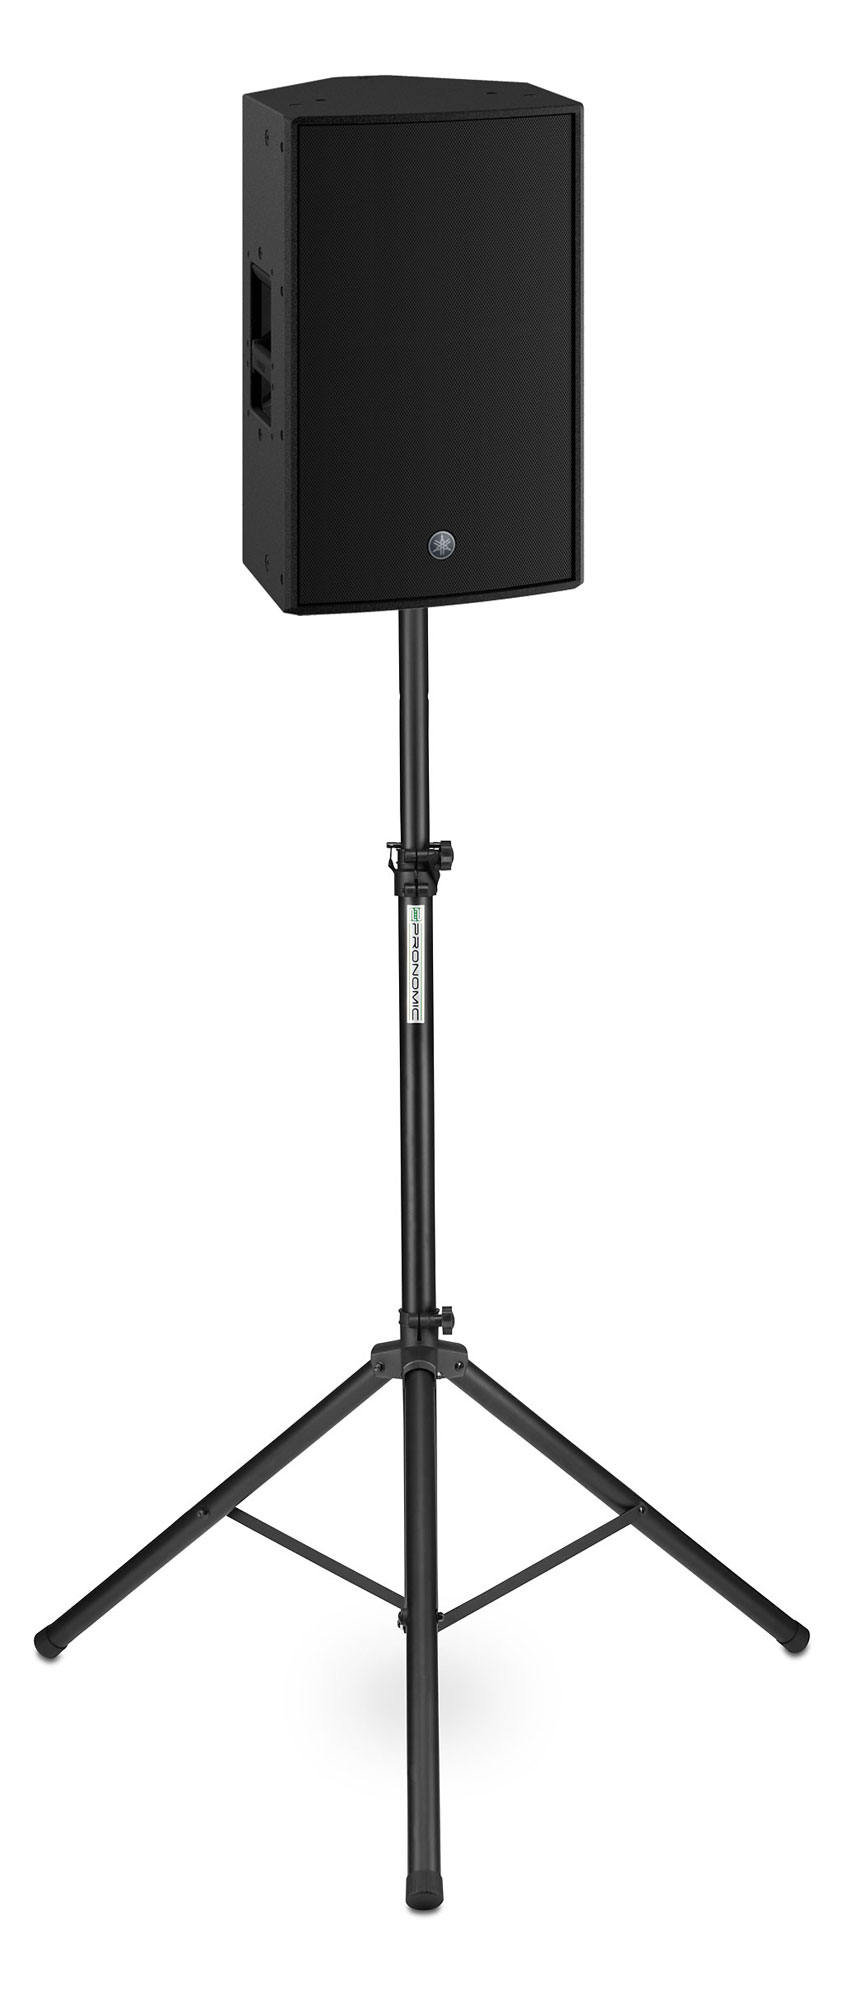 Paboxen - Yamaha DZR12 Aktivlautsprecher Set inkl. Stativ - Onlineshop Musikhaus Kirstein